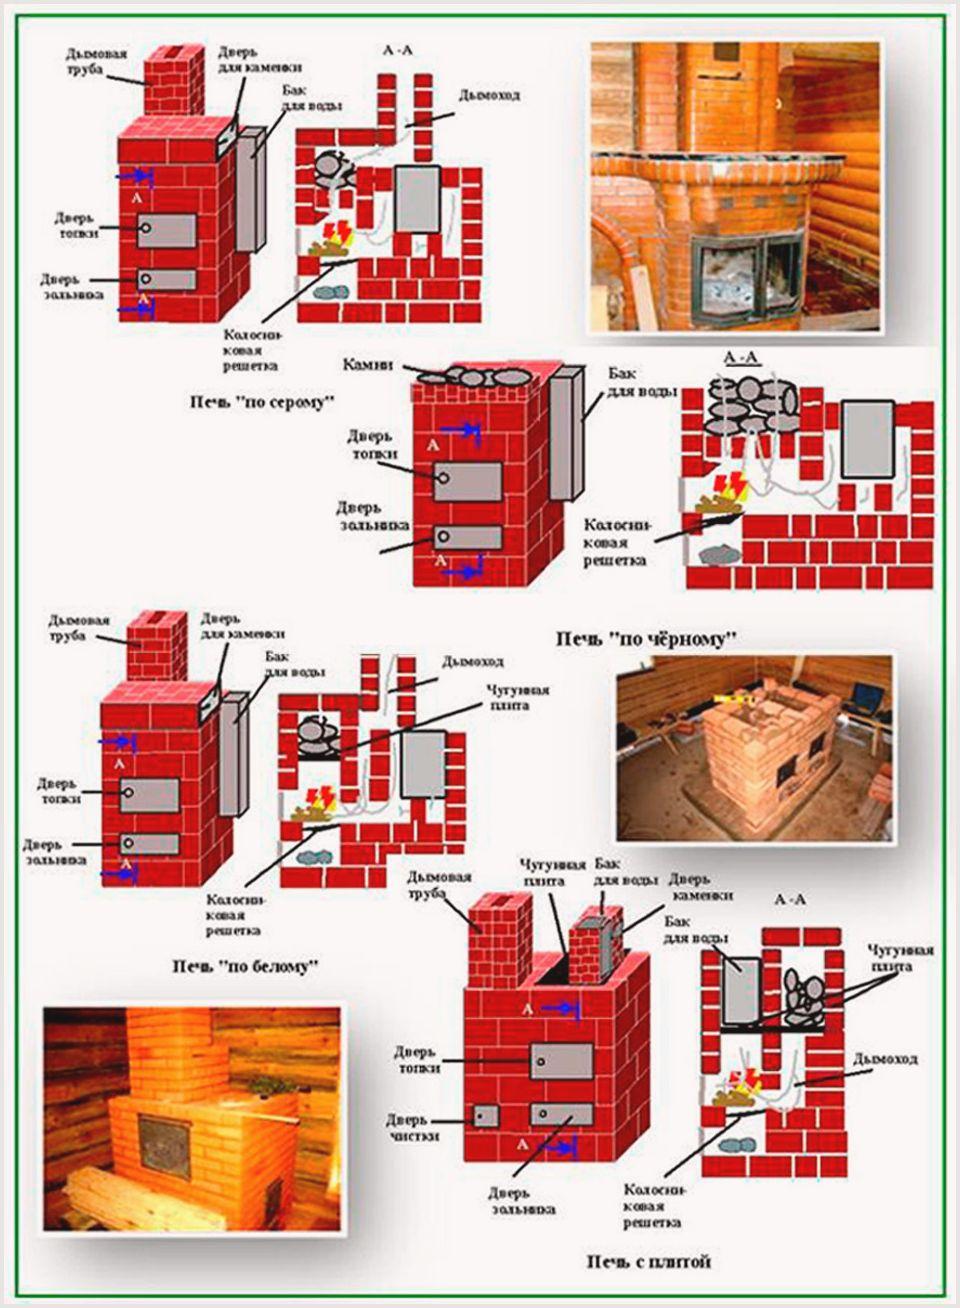 Печь своими руками из кирпича — чертежи, проекты и пошаговое описание как построить самостоятельно печь (95 фото)